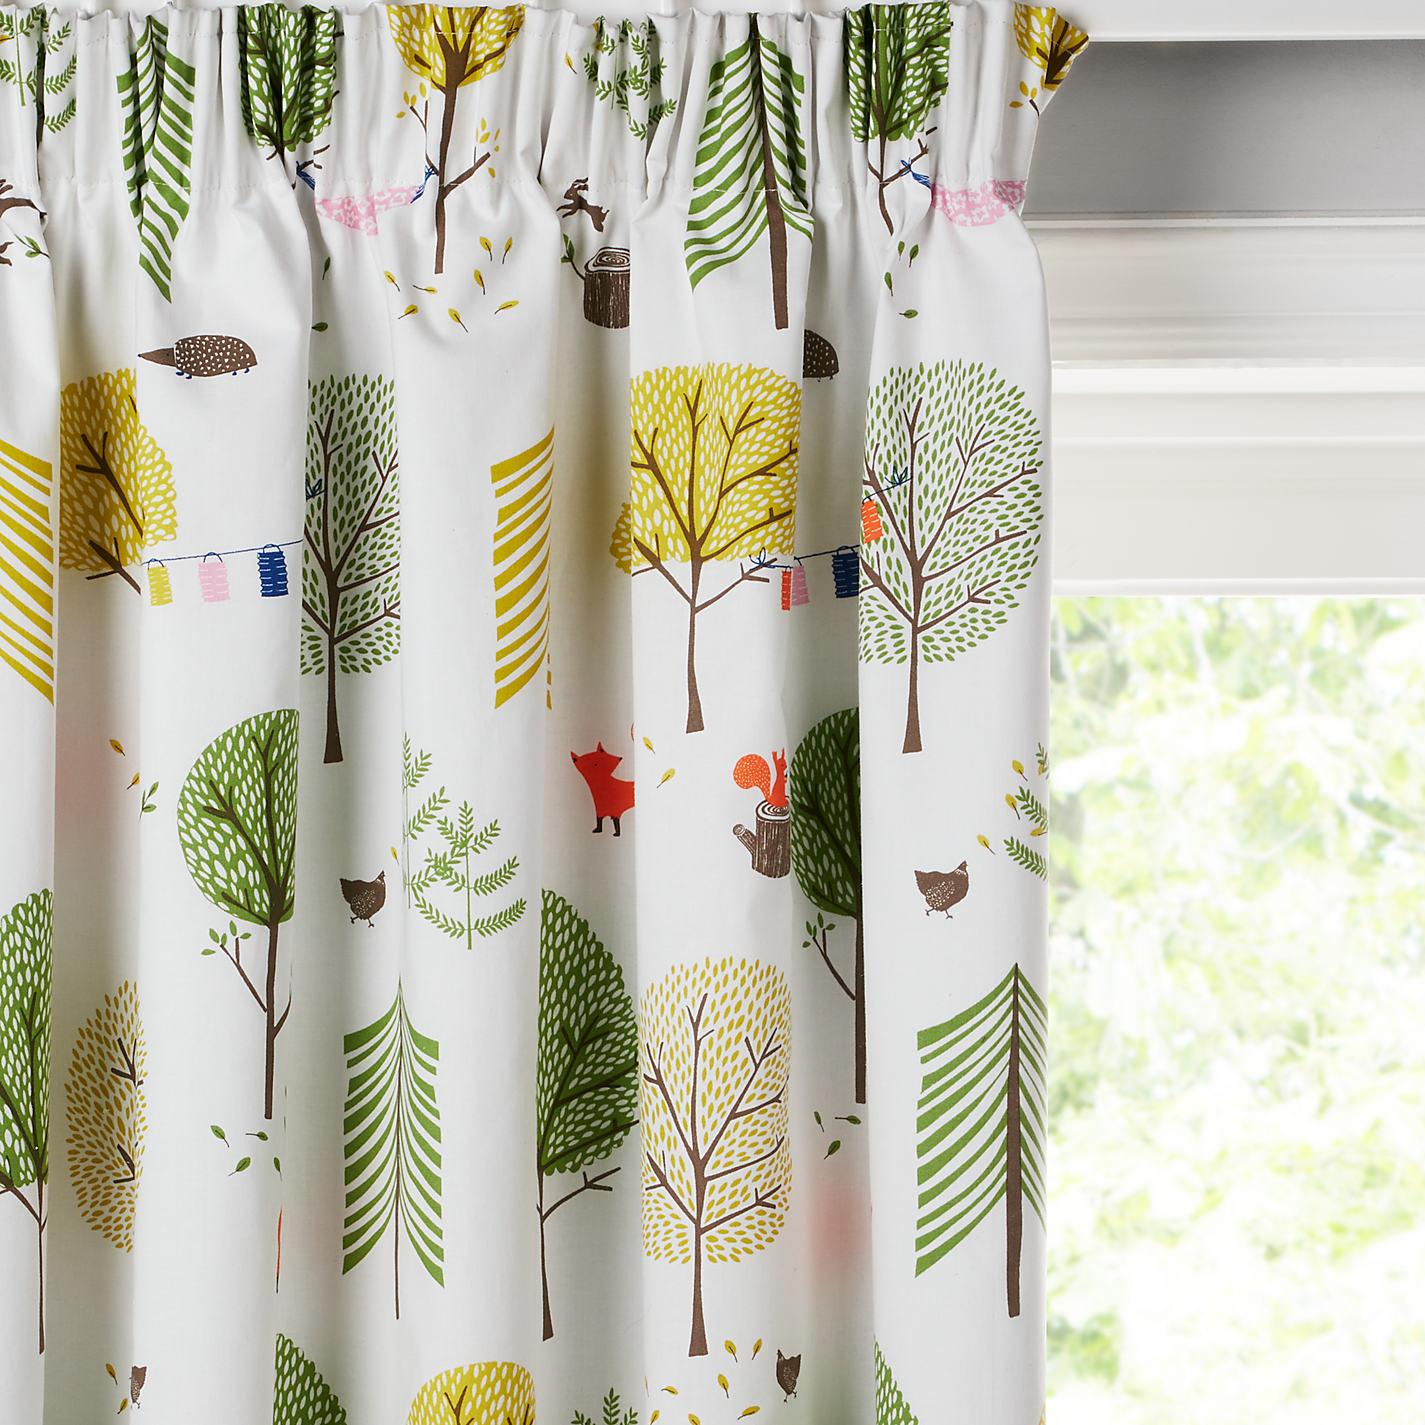 Дизайн штор для детской комнаты с деревьями